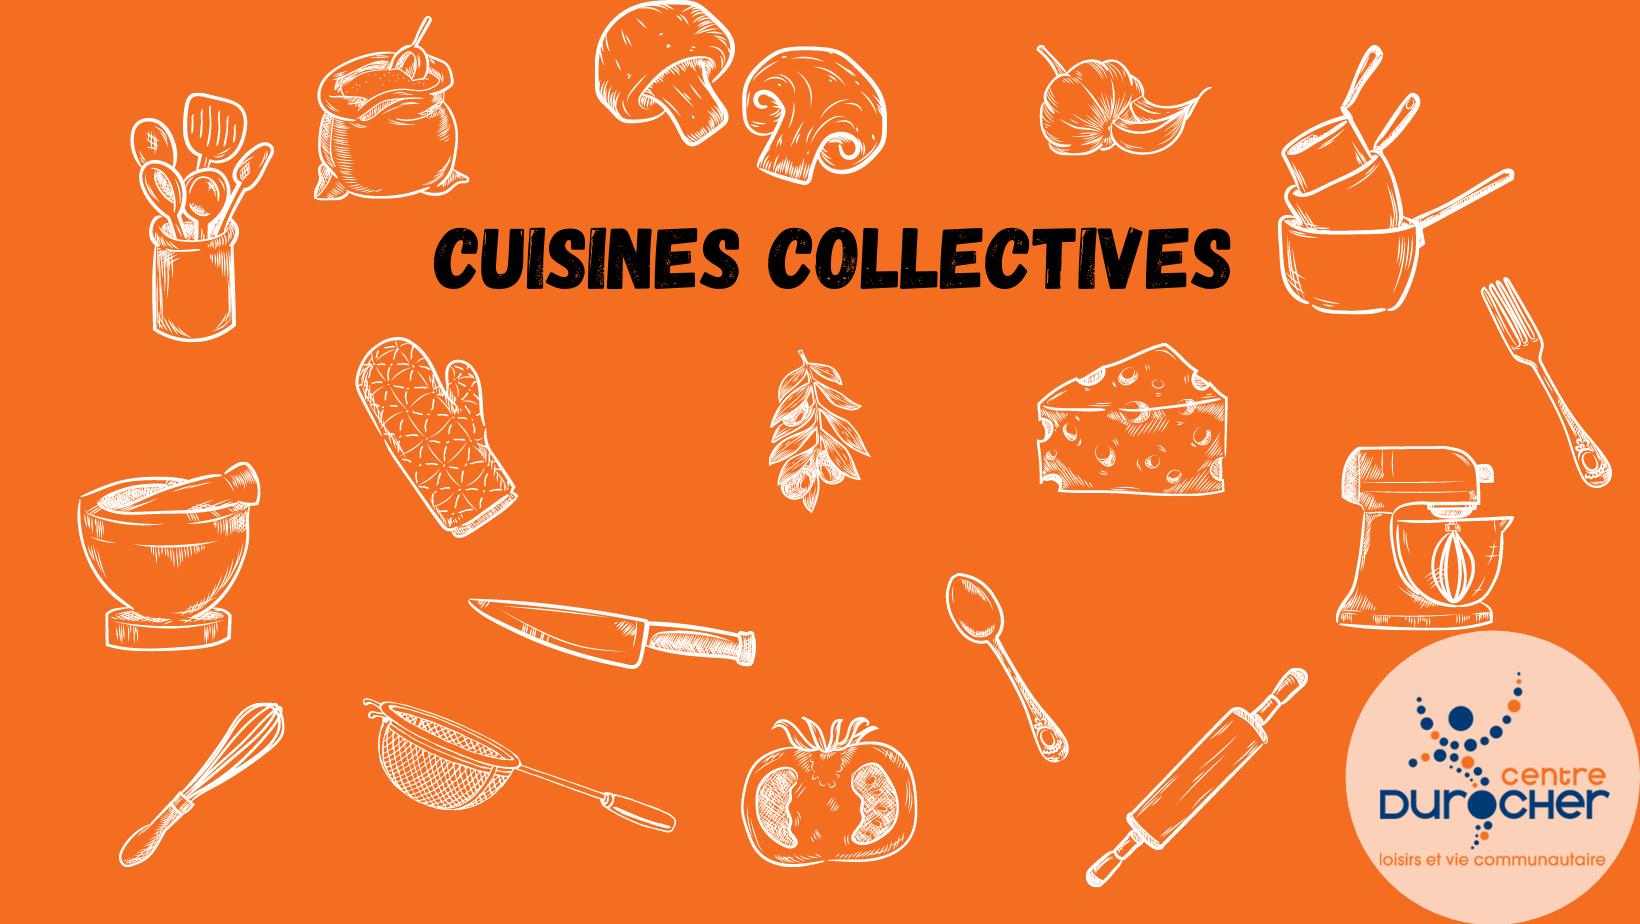 Cuisines collectives au Centre Durocher